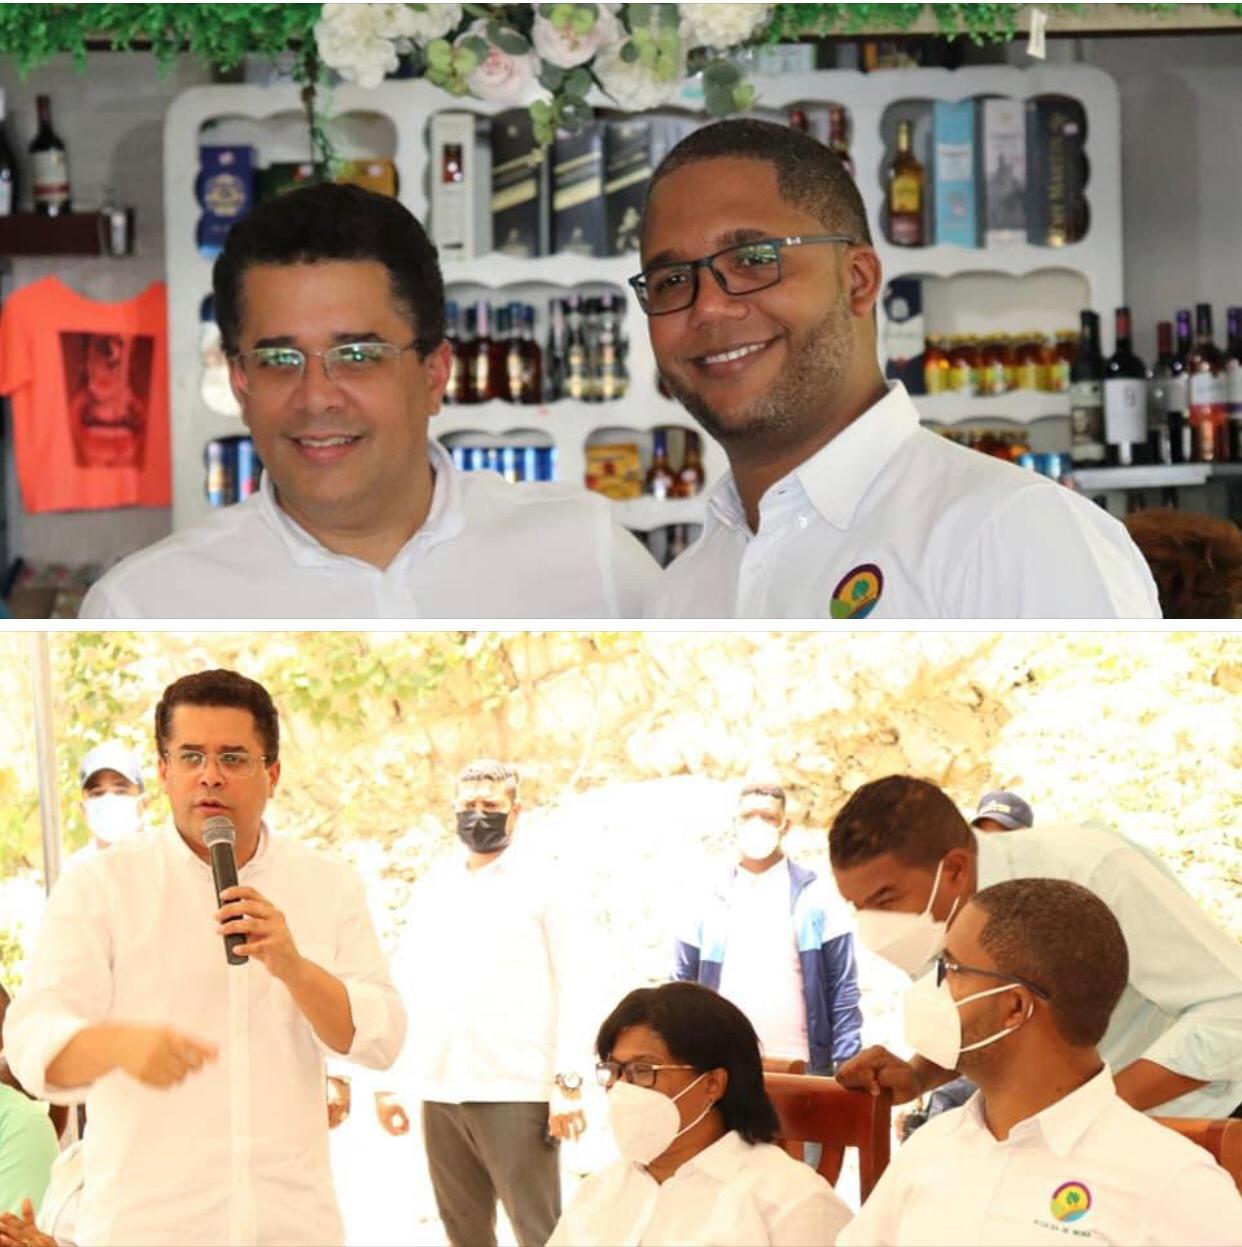 Agradecer al Ministro de turismo David Collado…